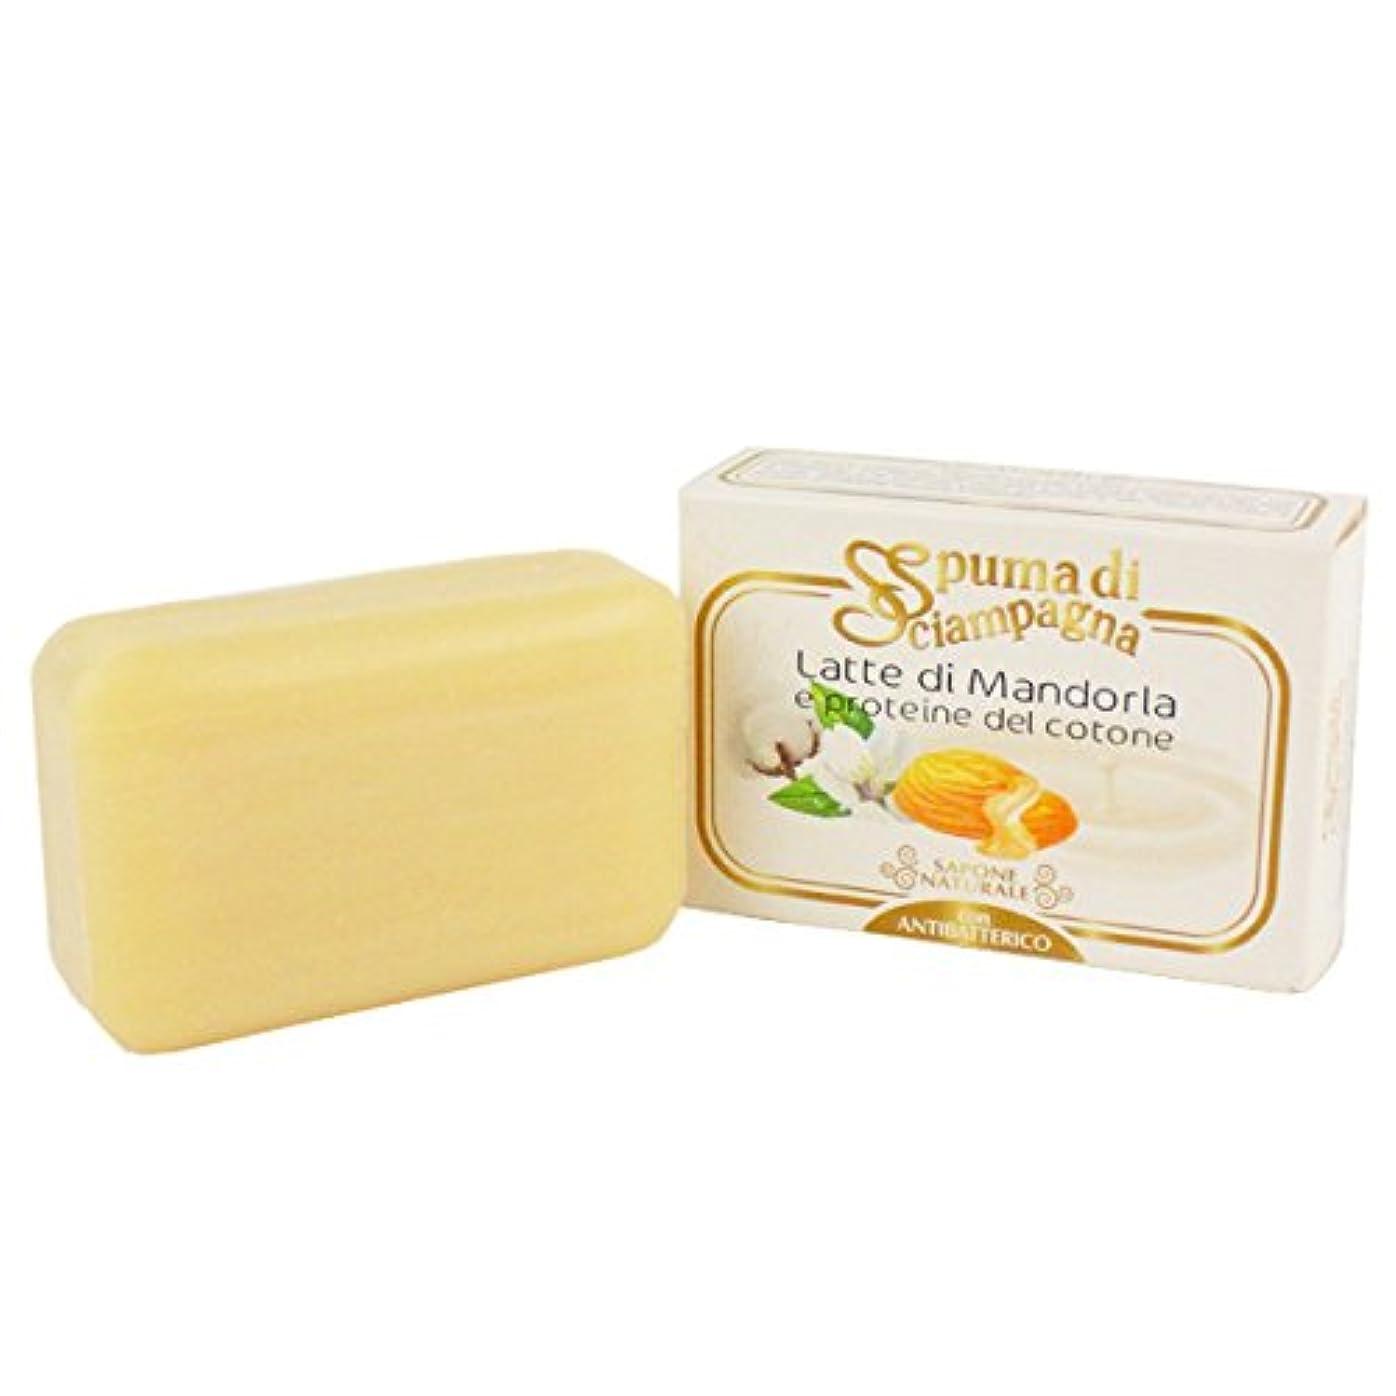 十代の若者たちすみません実り多いSpuma di Sciampagna (スプーマ ディ シャンパーニャ) ナチュラルソープ 化粧石けん 145g アーモンドの香り